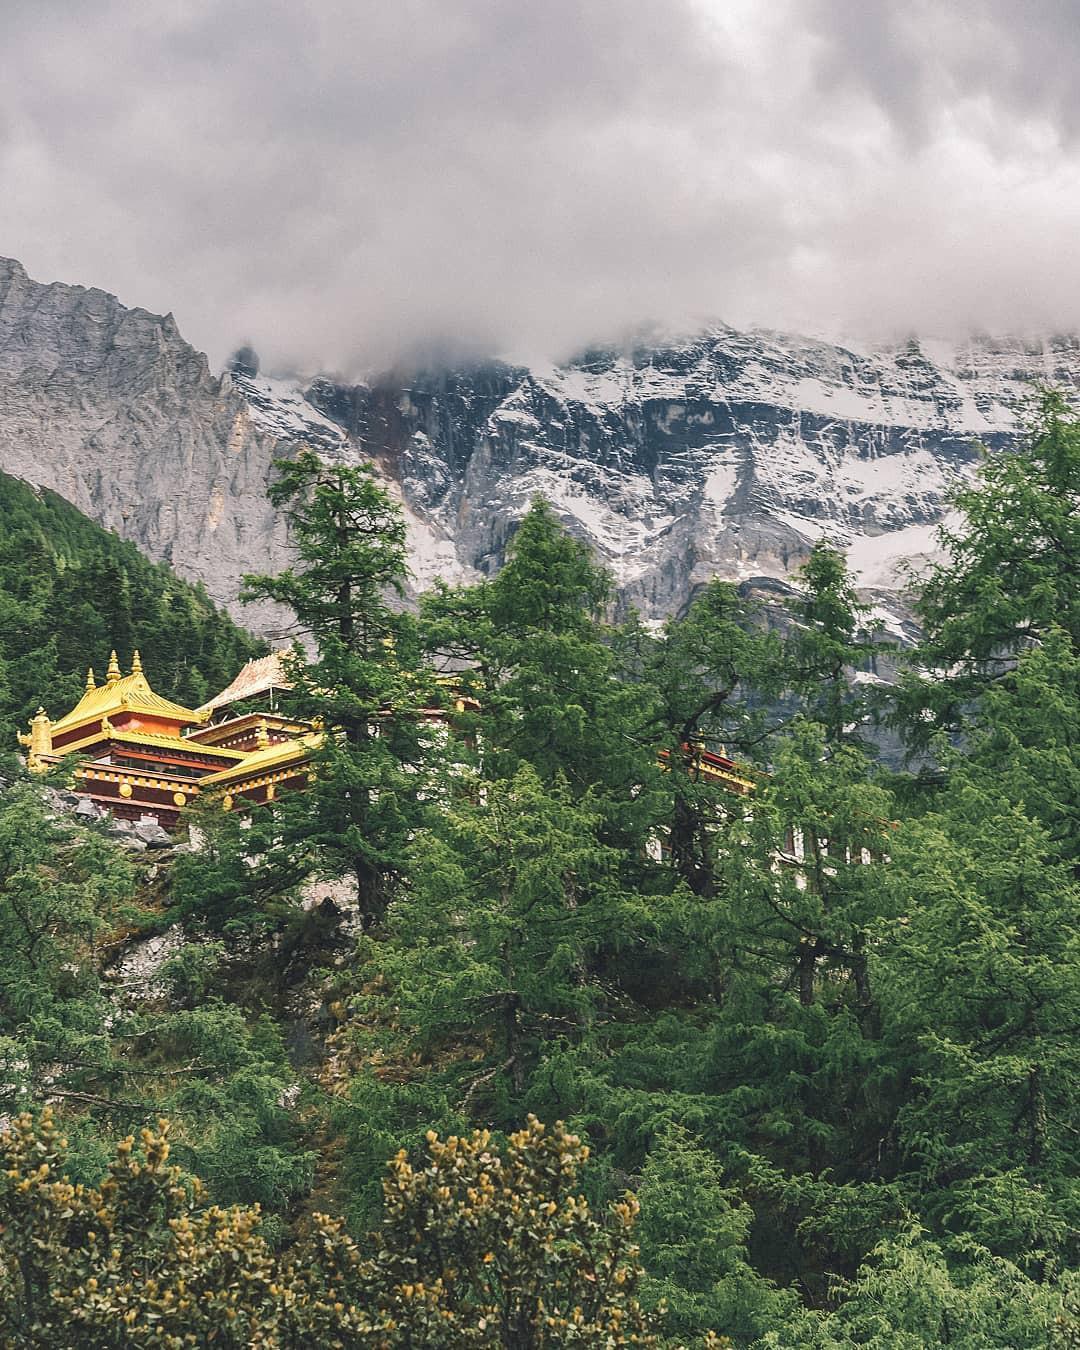 Ít ai biết Trung Quốc có một nơi được mệnh danh tận cùng nhân gian: Đường đi vô cùng khó khăn, phong cảnh đẹp đến choáng ngợp! - Ảnh 3.